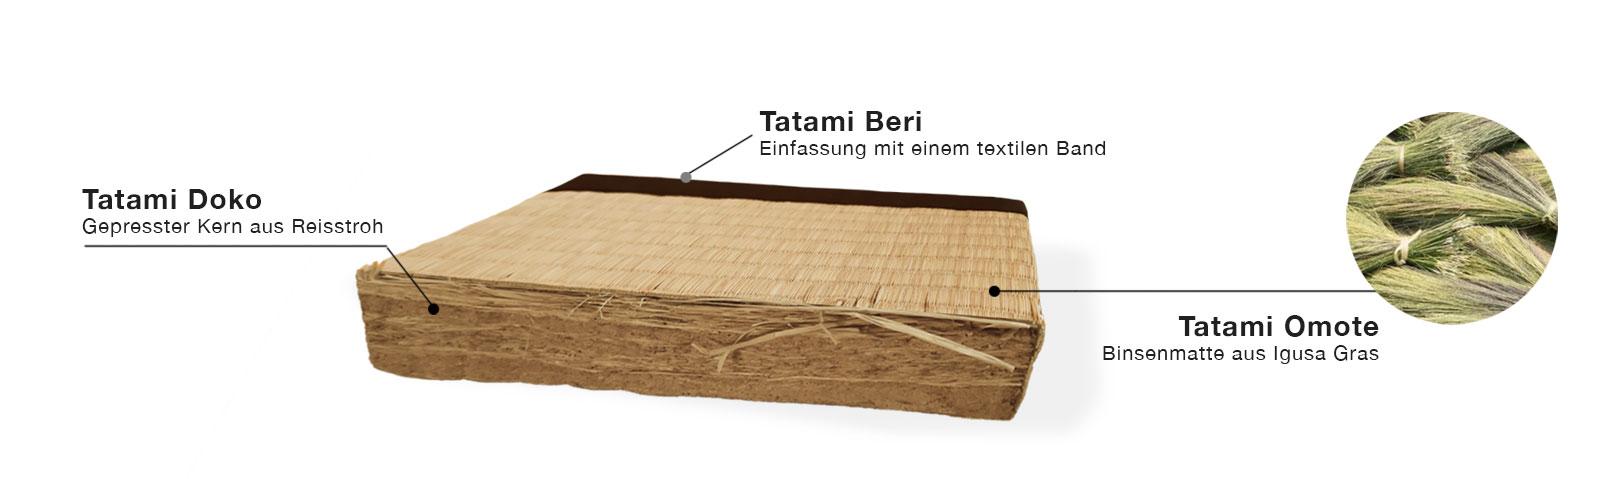 Tatami-Reisstrohmatte Querschnitt